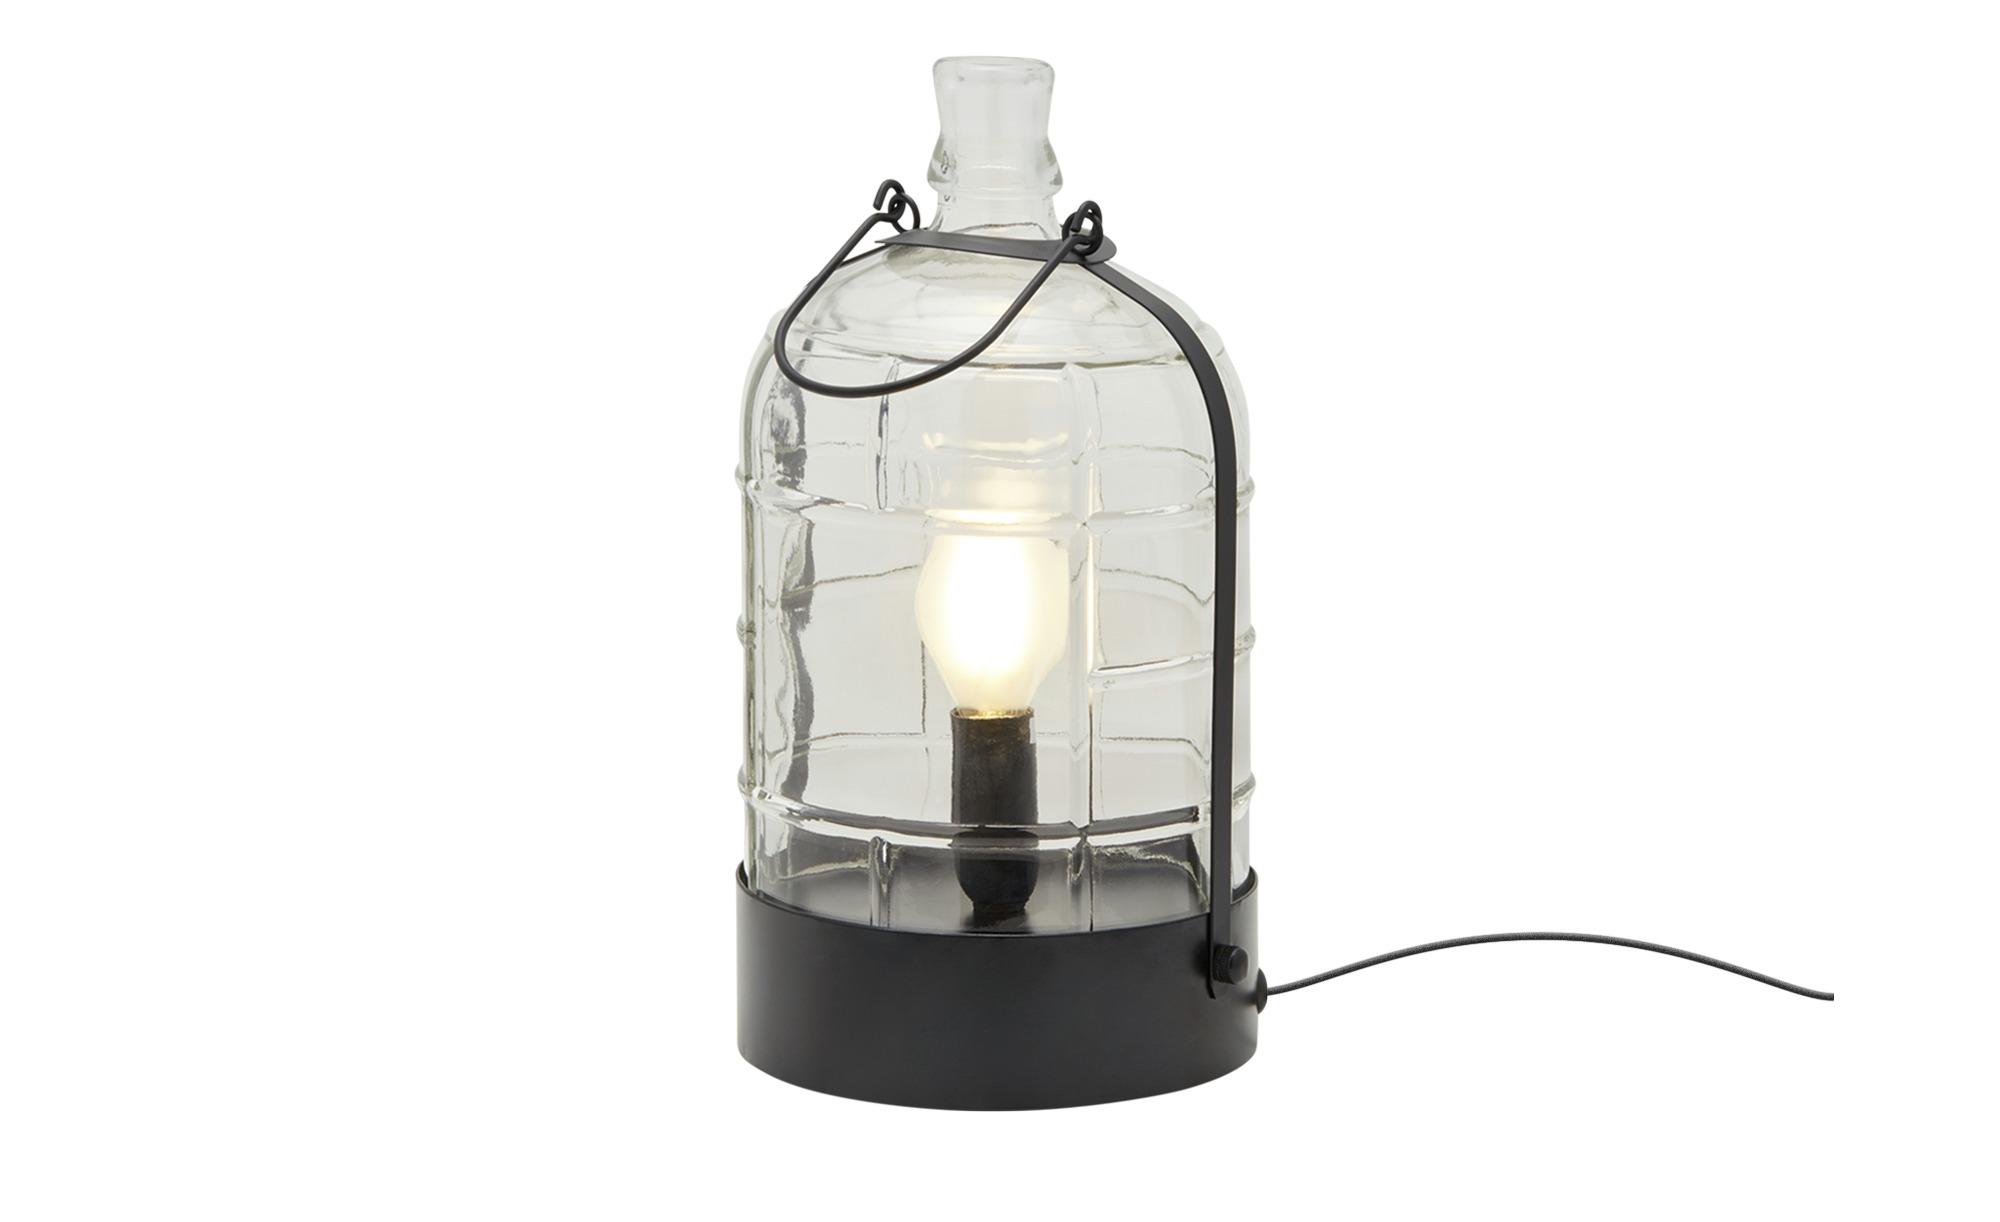 Trio Tischleuchte im Flaschendesign ¦ schwarz ¦ Maße (cm): H: 28 Ø: 14.5 Lampen & Leuchten > Innenleuchten > Tischlampen - Höffner